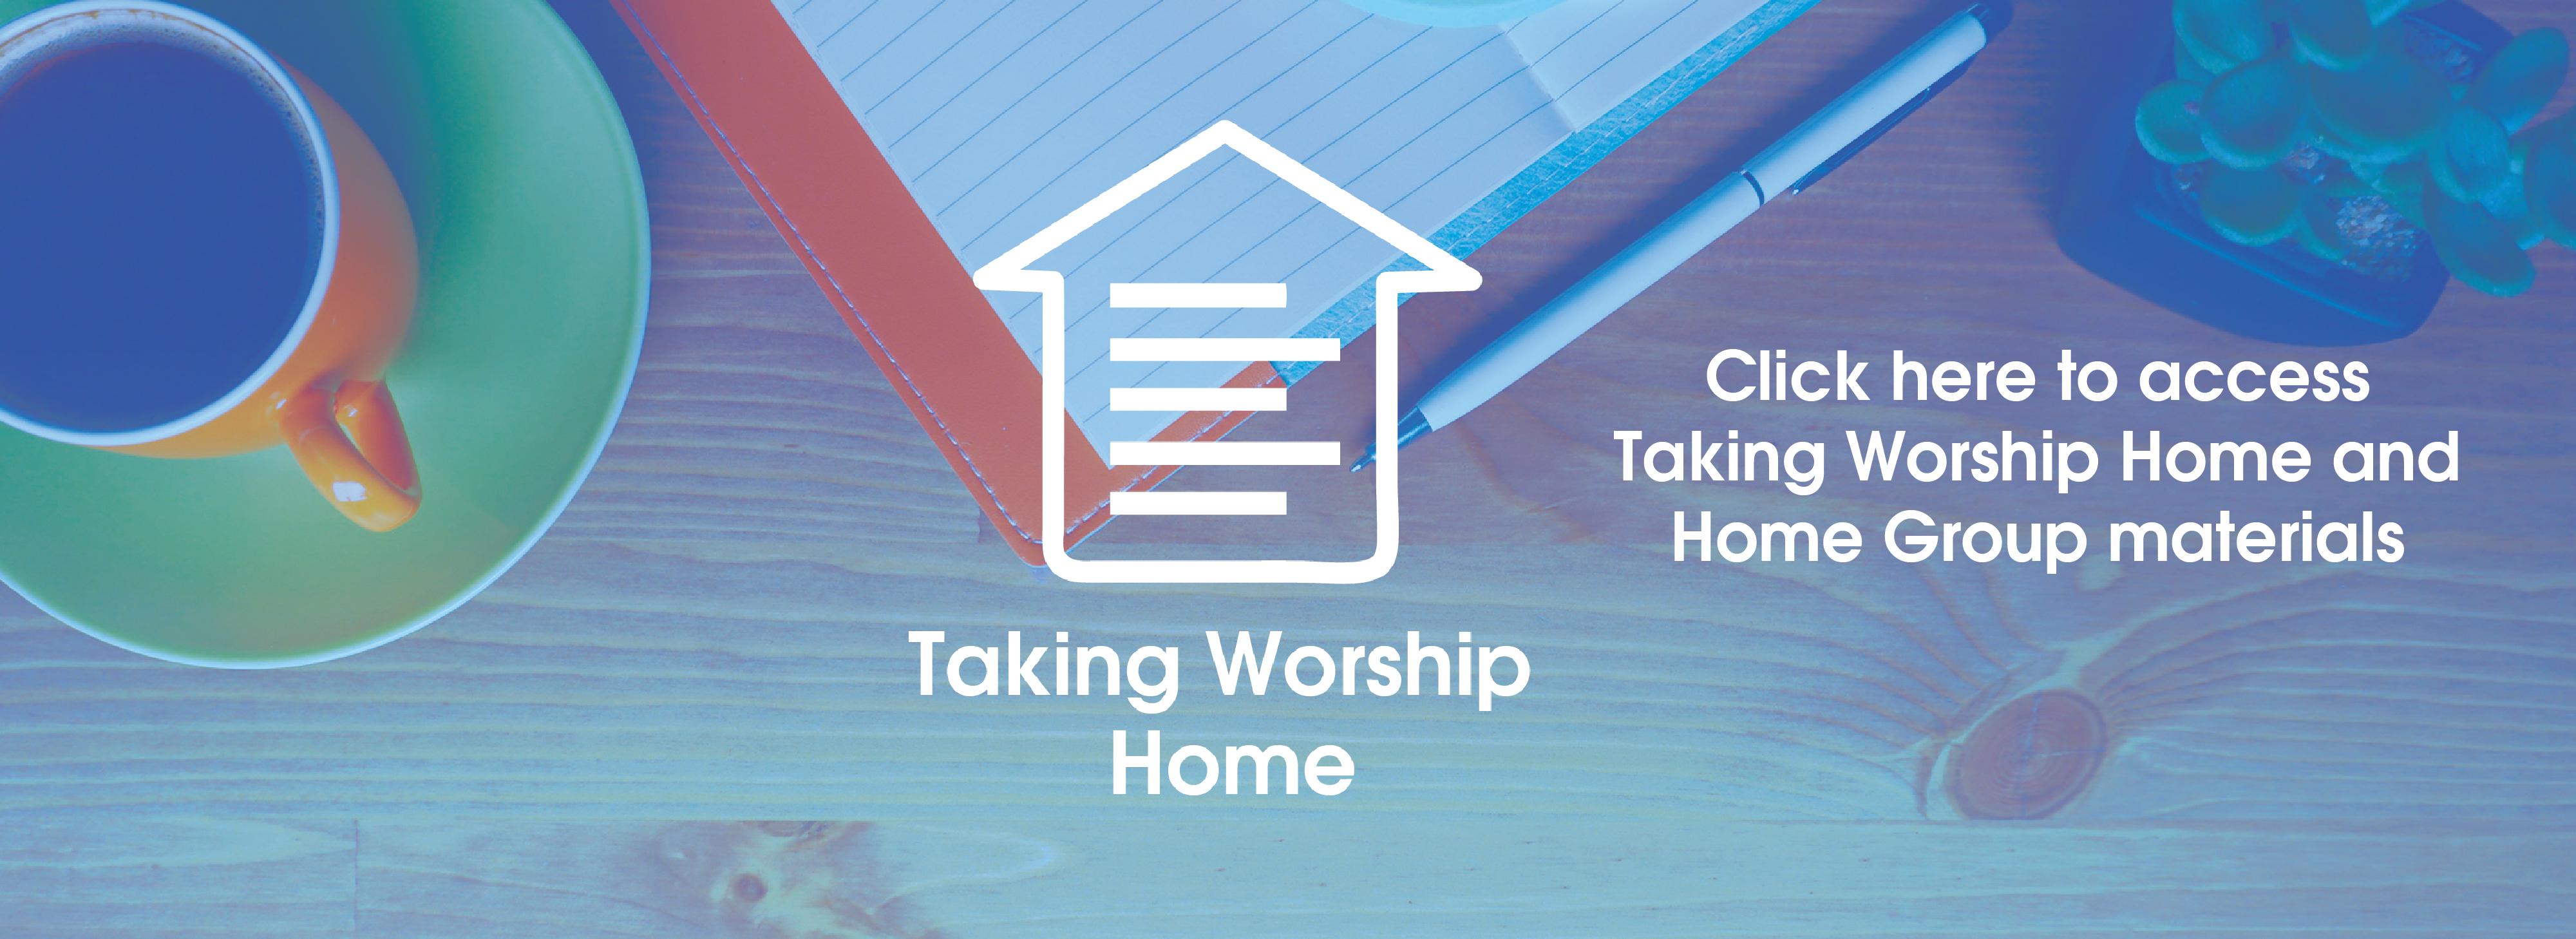 taking-worship-home-01